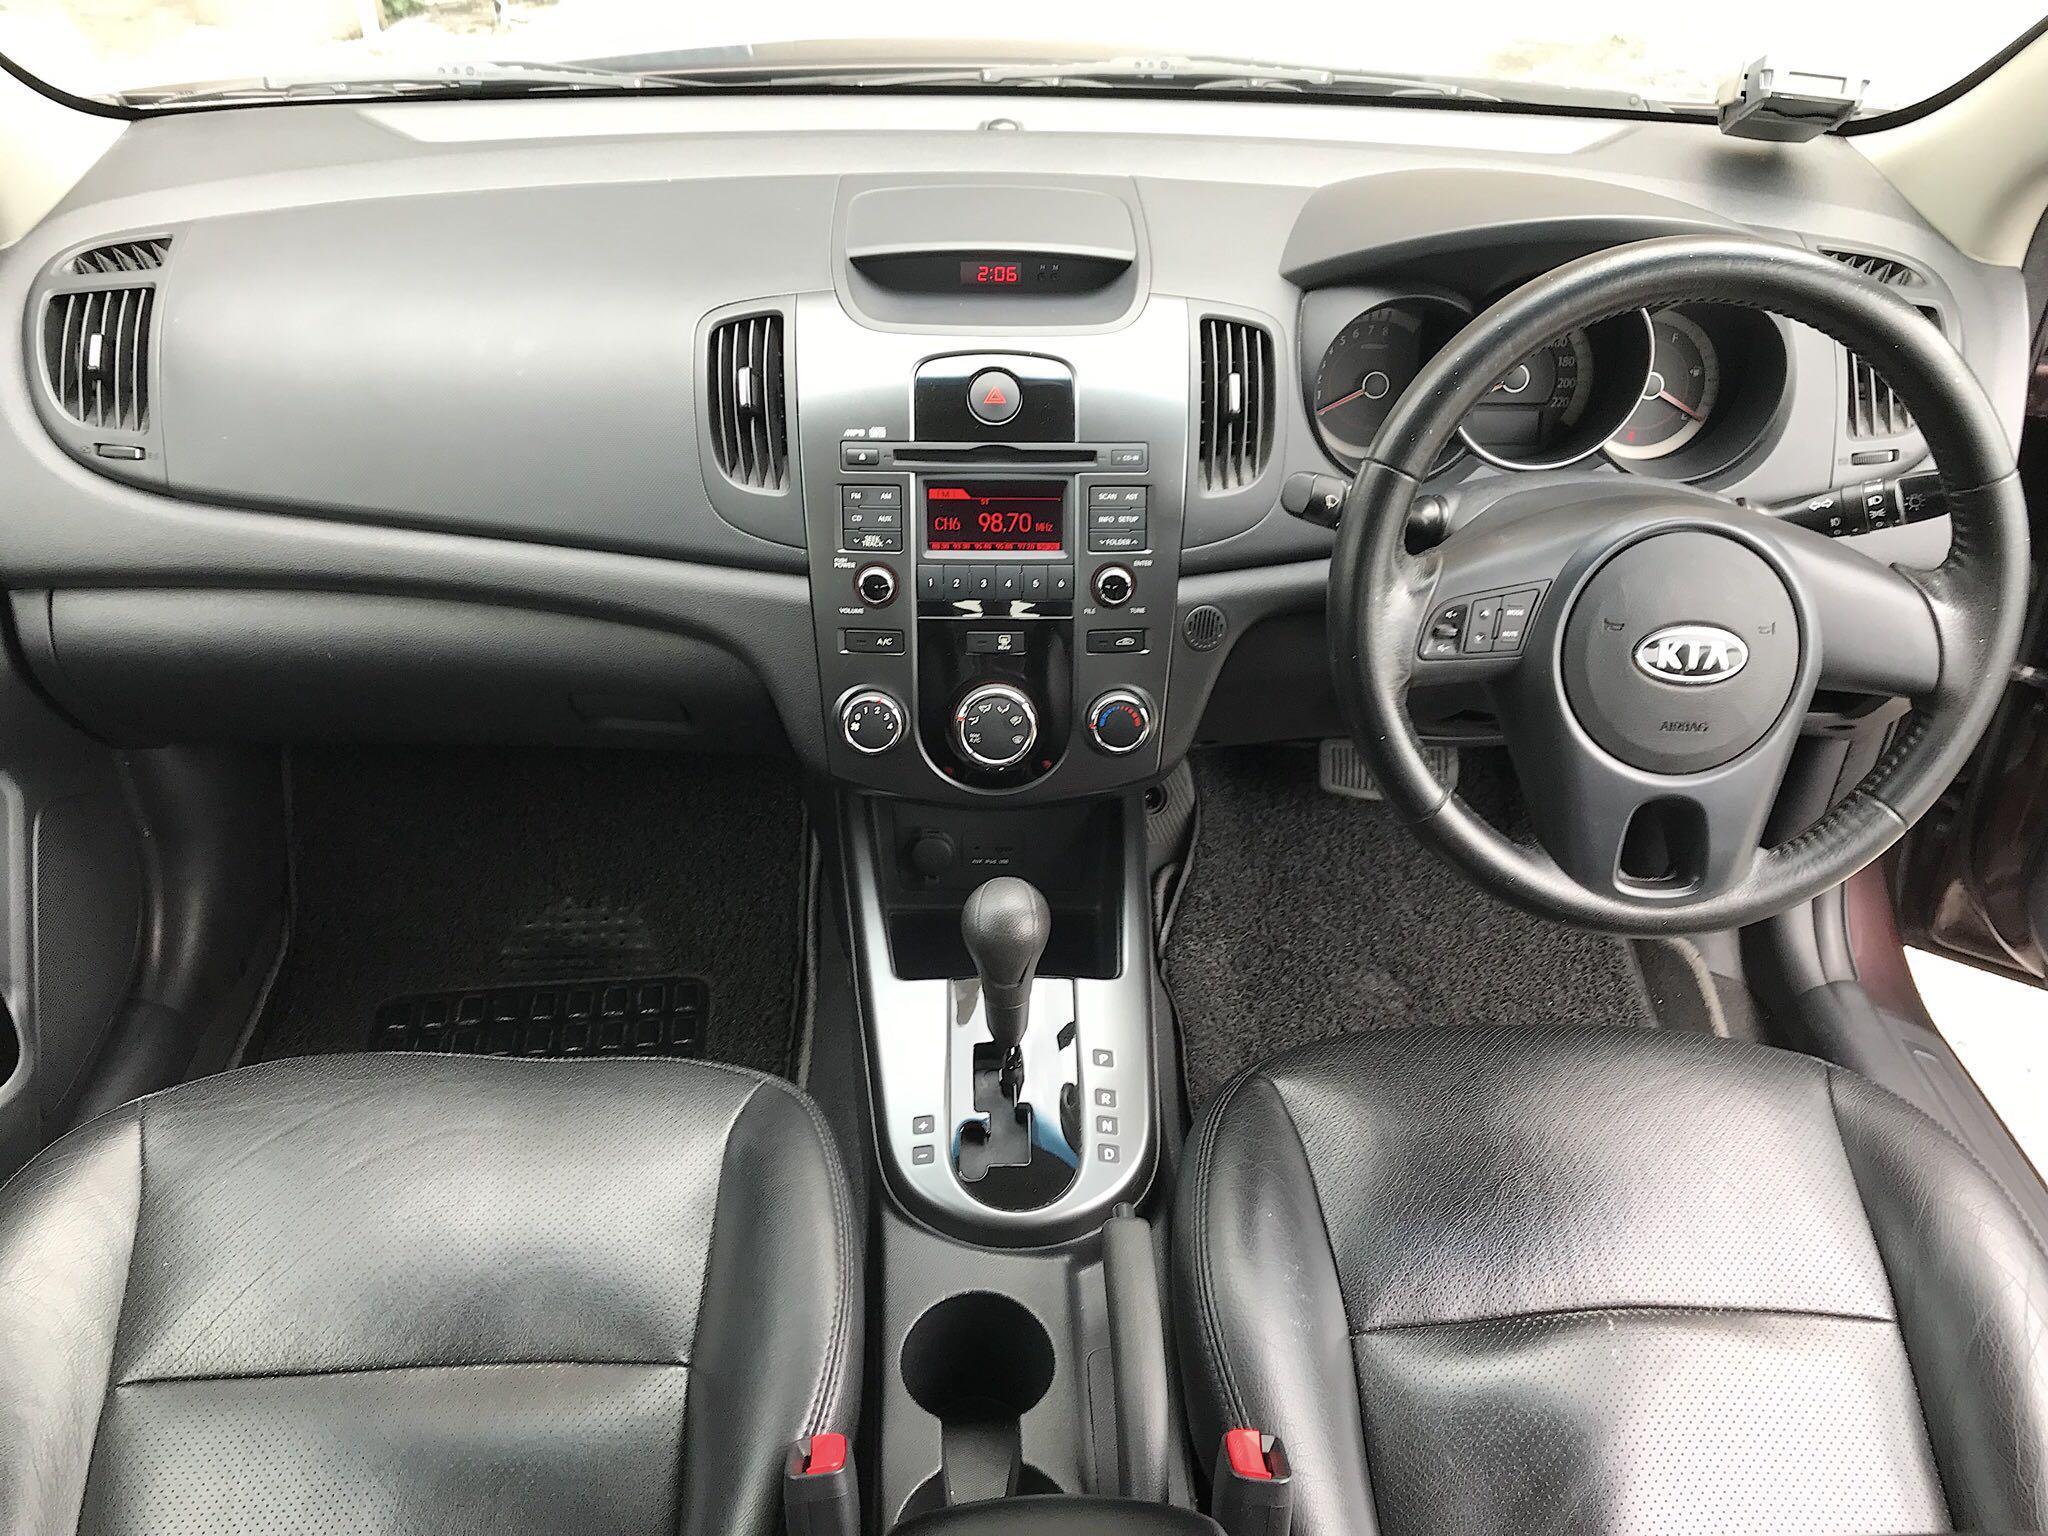 Kia Cerato Forte 1.6 SX with Sportstronic Auto